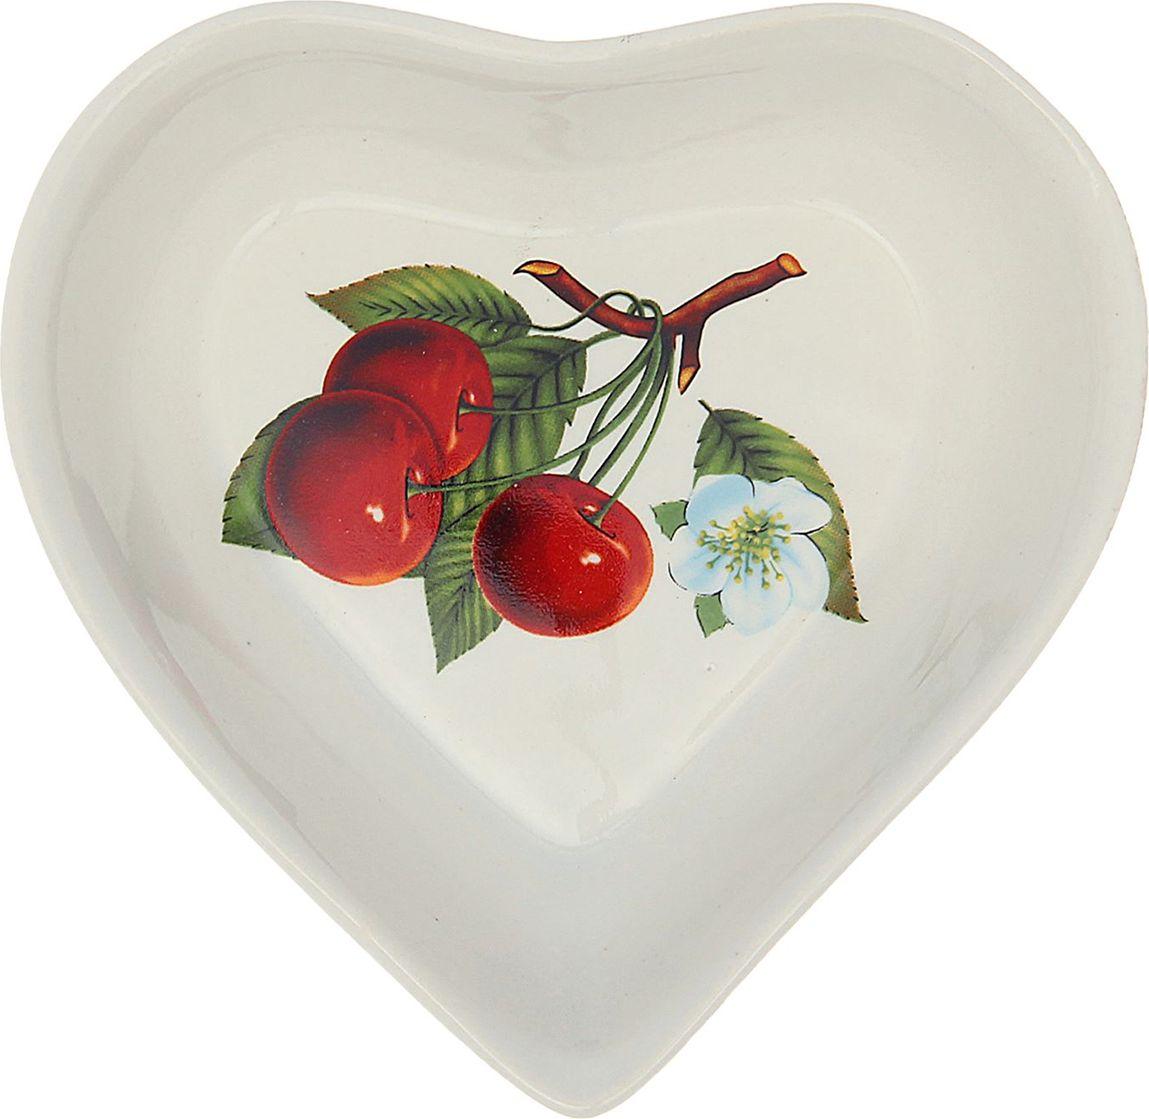 Салатник Керамика ручной работы Сердце. Вишня, 200 мл. 1673202515081Салатник Керамика ручной работы Сердце. Вишня понравится любителям вкусной и полезной домашней пищи. Такая посуда практична и красива, в ней можнохранить и подавать разнообразные блюда. При многократном использовании изделие сохранит свой вид и выдержит мытьё в посудомоечноймашине. В керамической ёмкости горячая пища долго сохраняет своё тепло, остуженные блюда остаются прохладными. Изделие не выделяет вредных веществ при нагревании и длительном хранении за счёт экологичности материала. Блюда, поданные в такойпосуде, выглядят привлекательно и аппетитно.